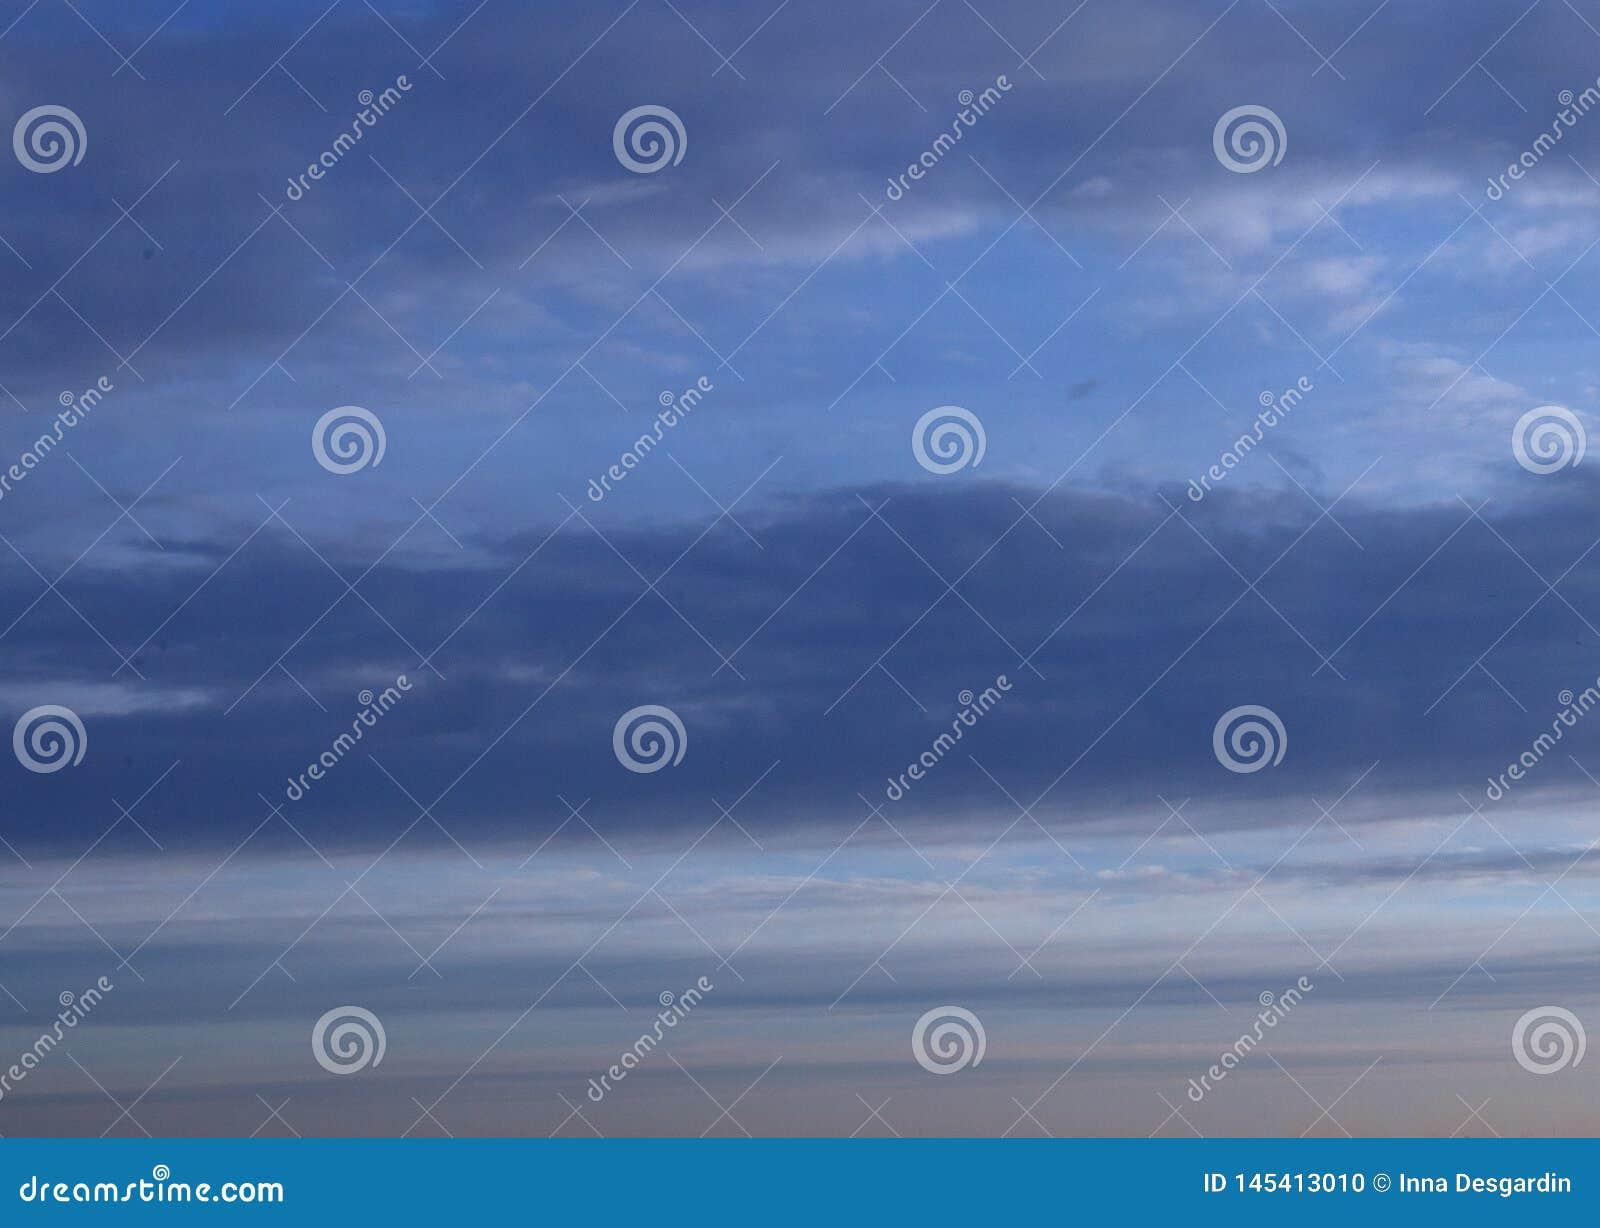 摘要天空蔚蓝弄脏了与拷贝空间的背景 E 星系和空间设计